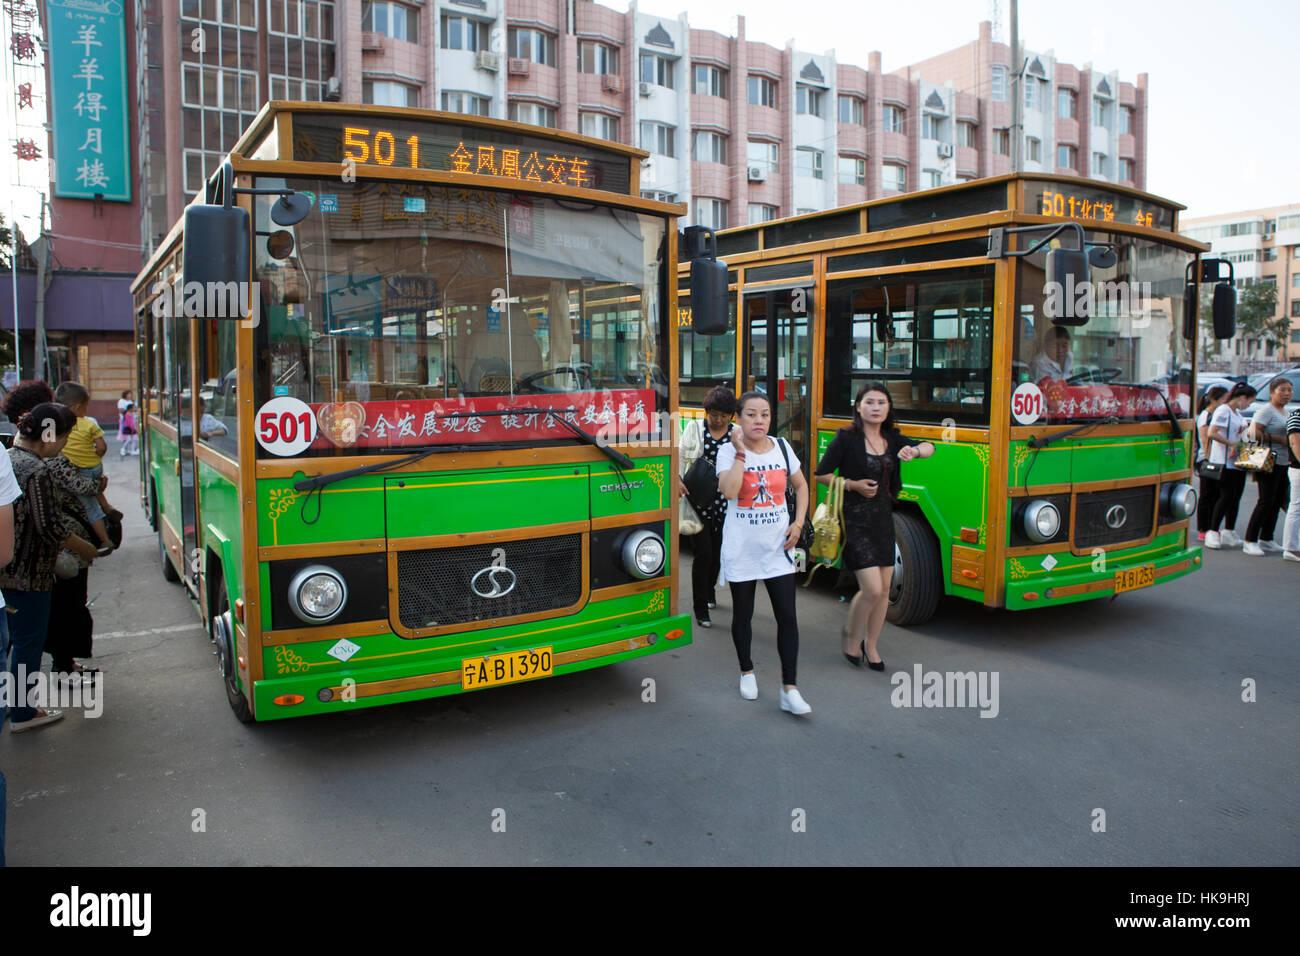 Dos típicas de autobús urbano. Yinchuan, Ningxia, China Foto de stock